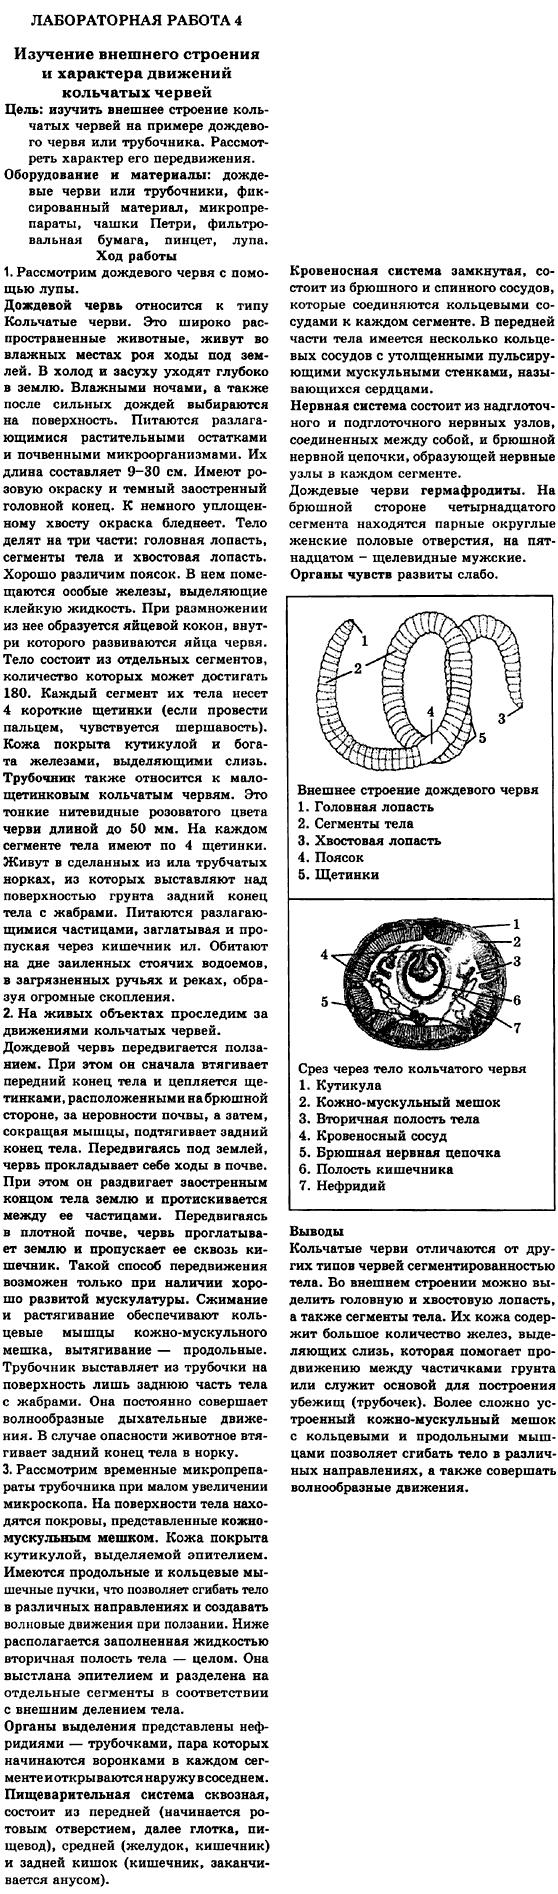 Решебник Лабораторная Работа № 4 По Биологии 8 Класс Камлюк